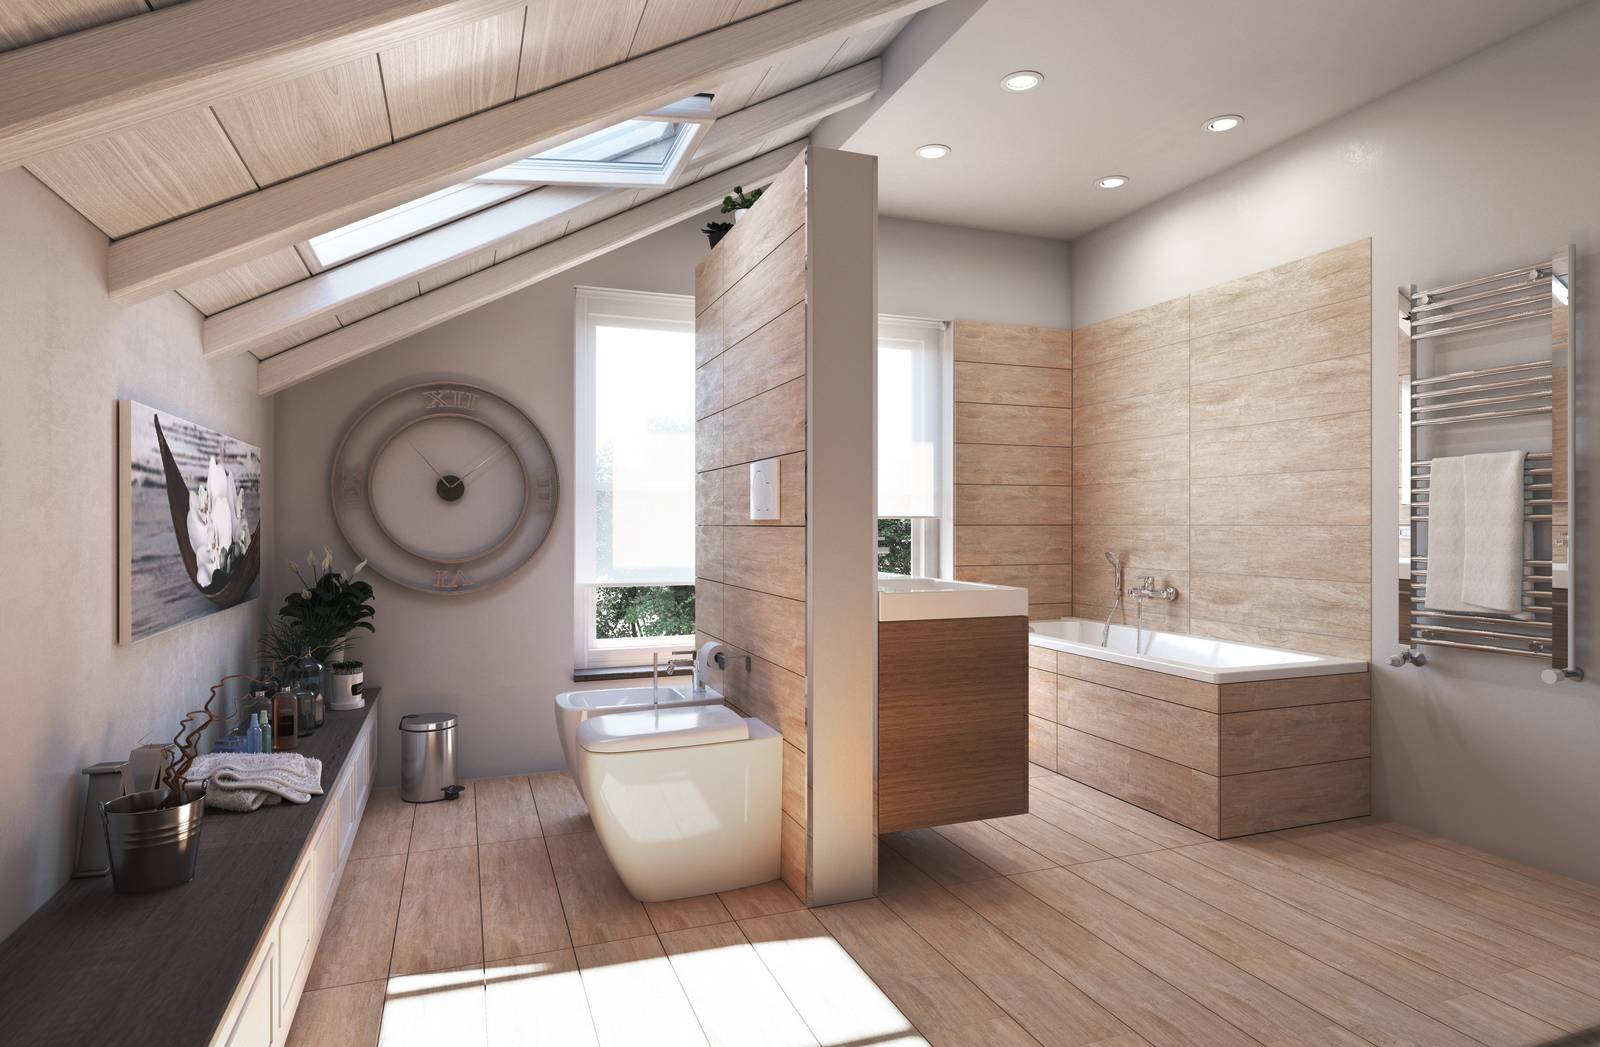 Ristrutturare il bagno in poco tempo cose di casa - La casa del bagno ...